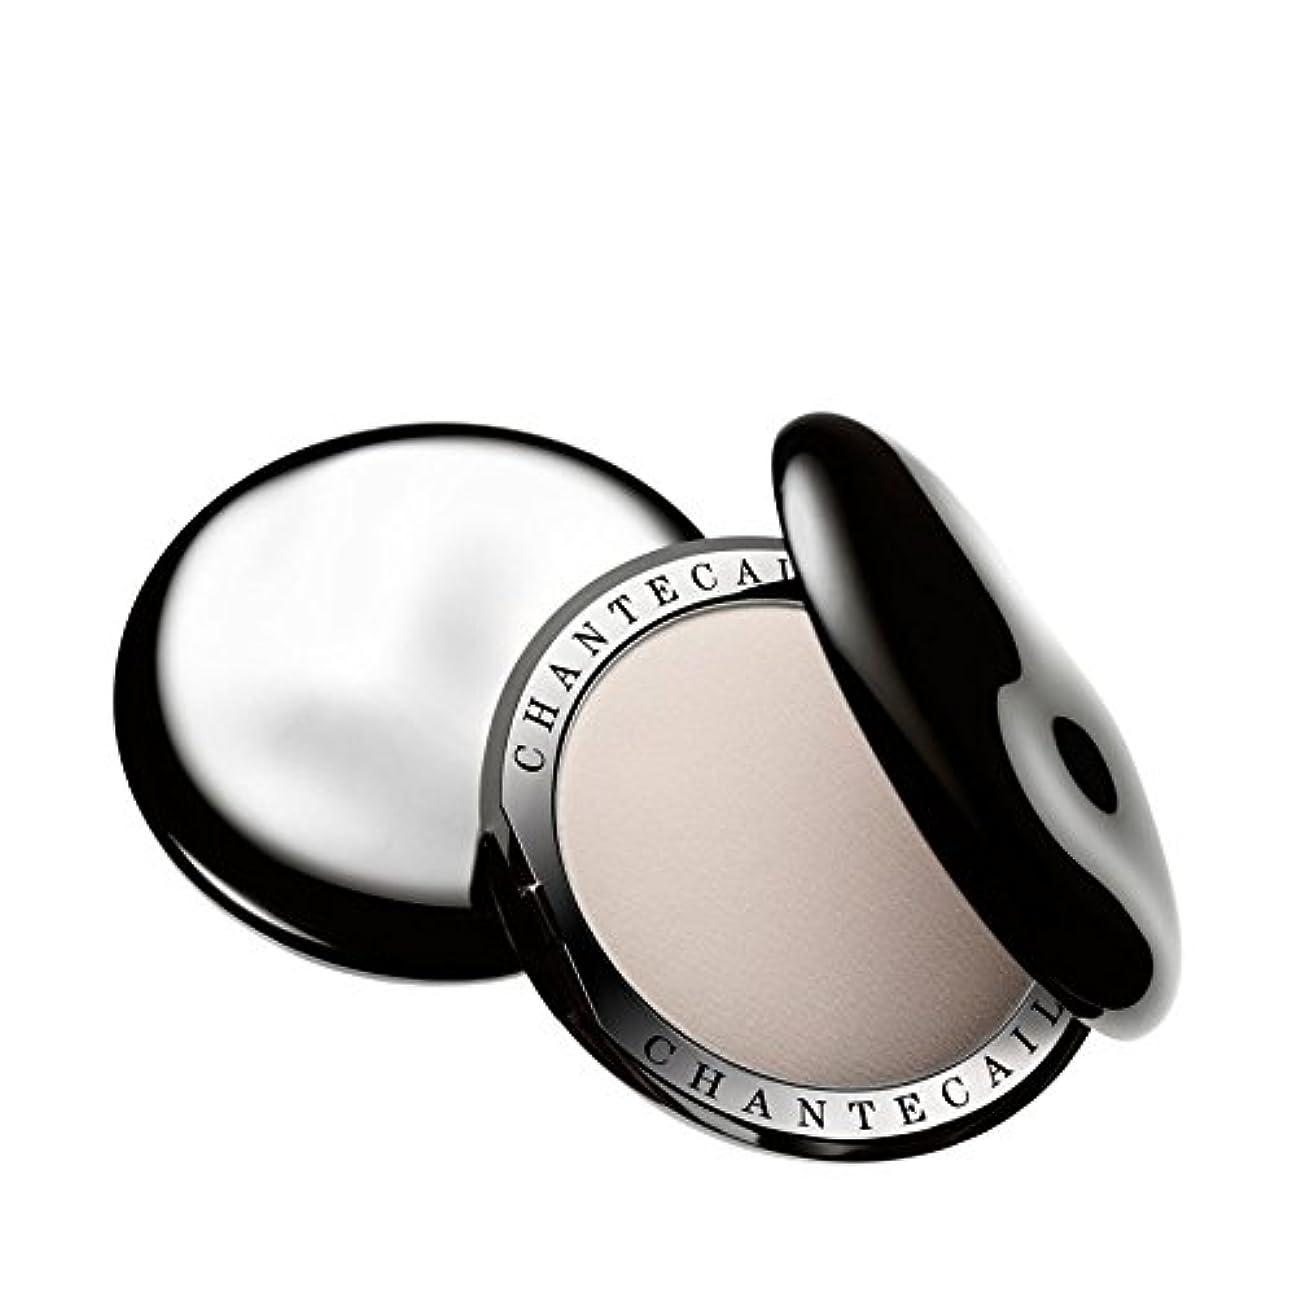 つらい解決する心のこもった粉末を完成シャンテカイユの x2 - Chantecaille HD Perfecting Powder (Pack of 2) [並行輸入品]